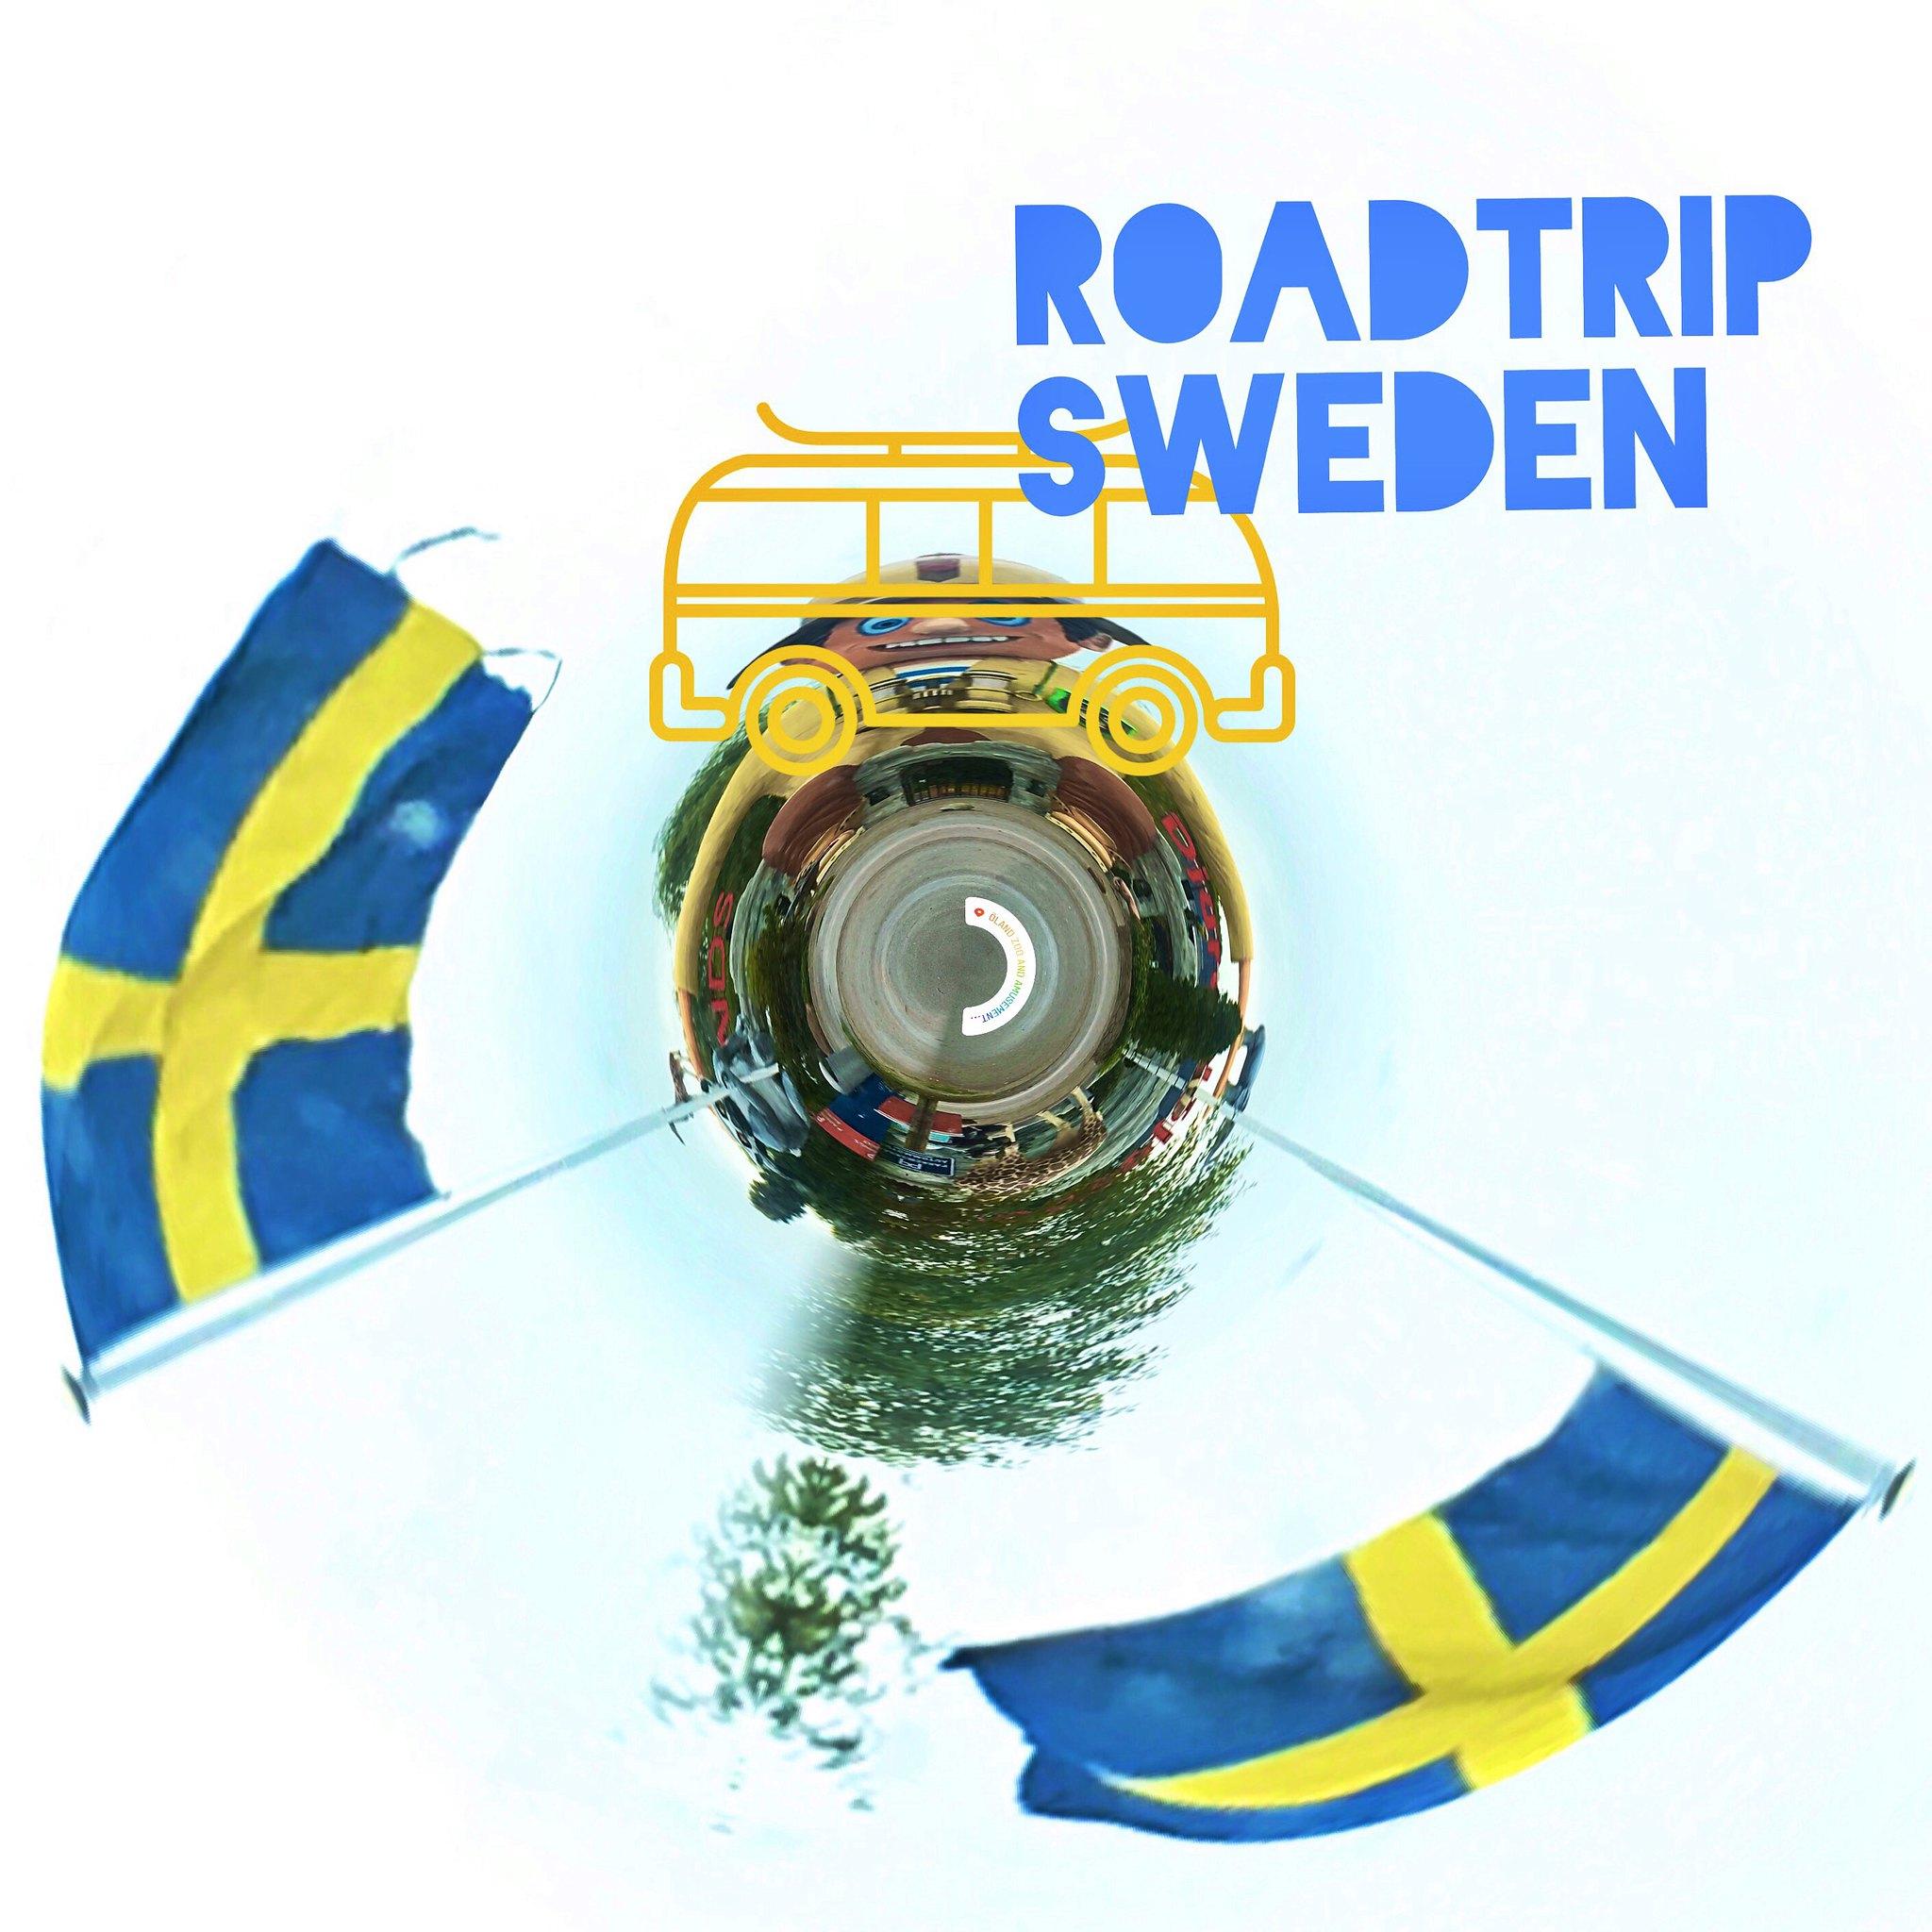 Südschweden - Ein Roadtrip mit der Schwalbe